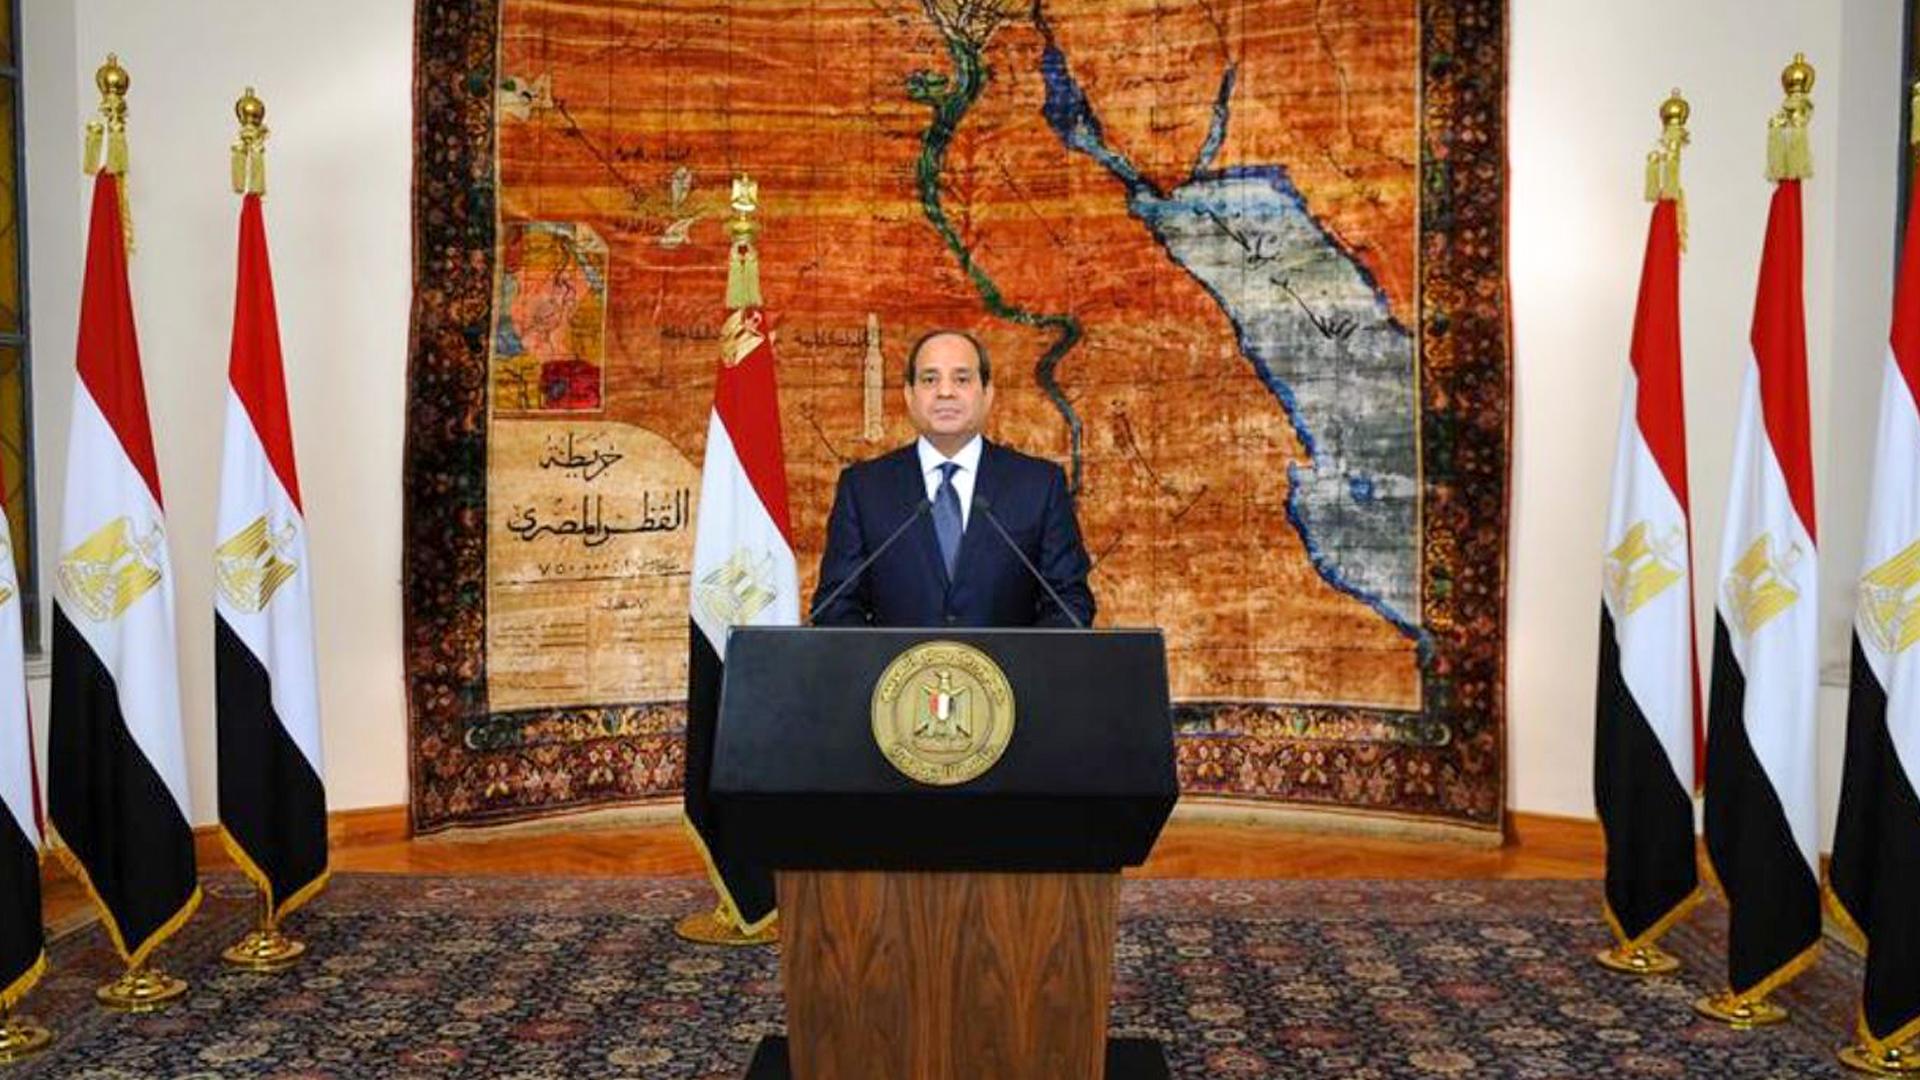 السيسي أكد أن أمن مصر Egypt القومي خط أحمر